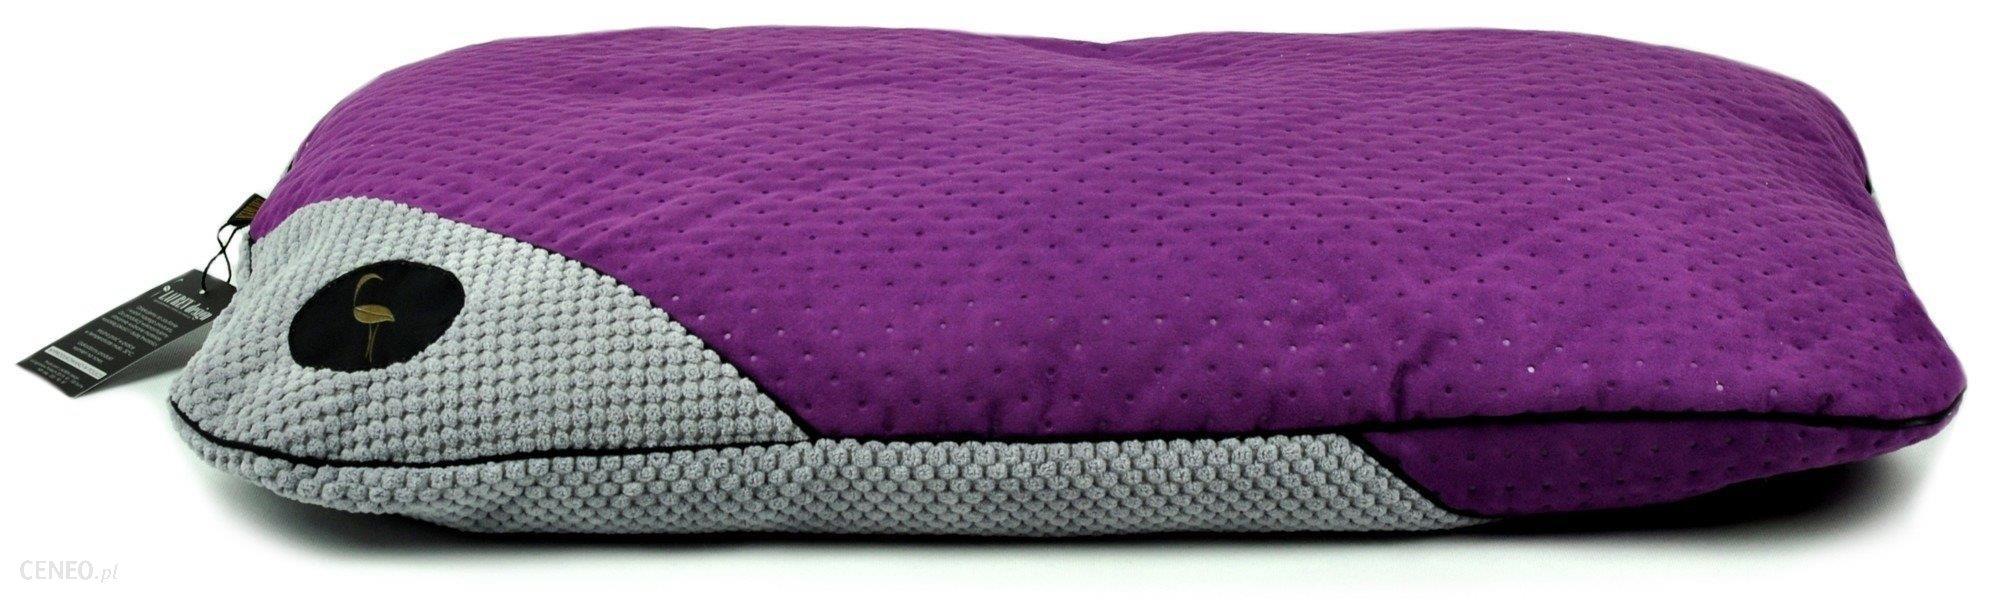 Lauren Design Posłanie pikowane FRIDA 50x70cm Fioletowy